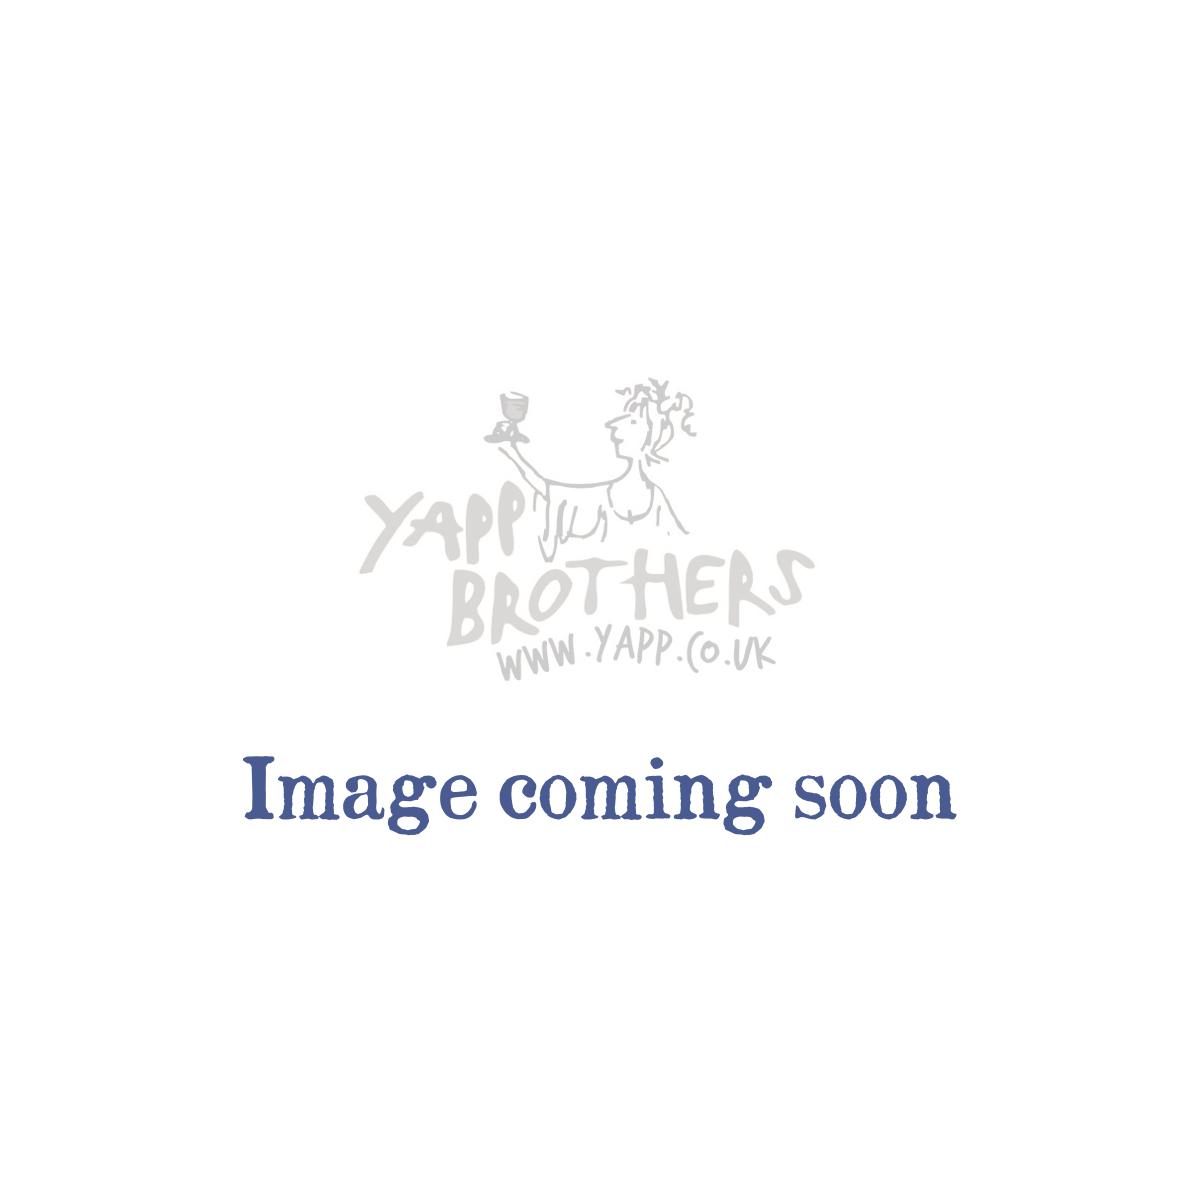 Château Simone Rouge 2017 - Bottle Rear Label